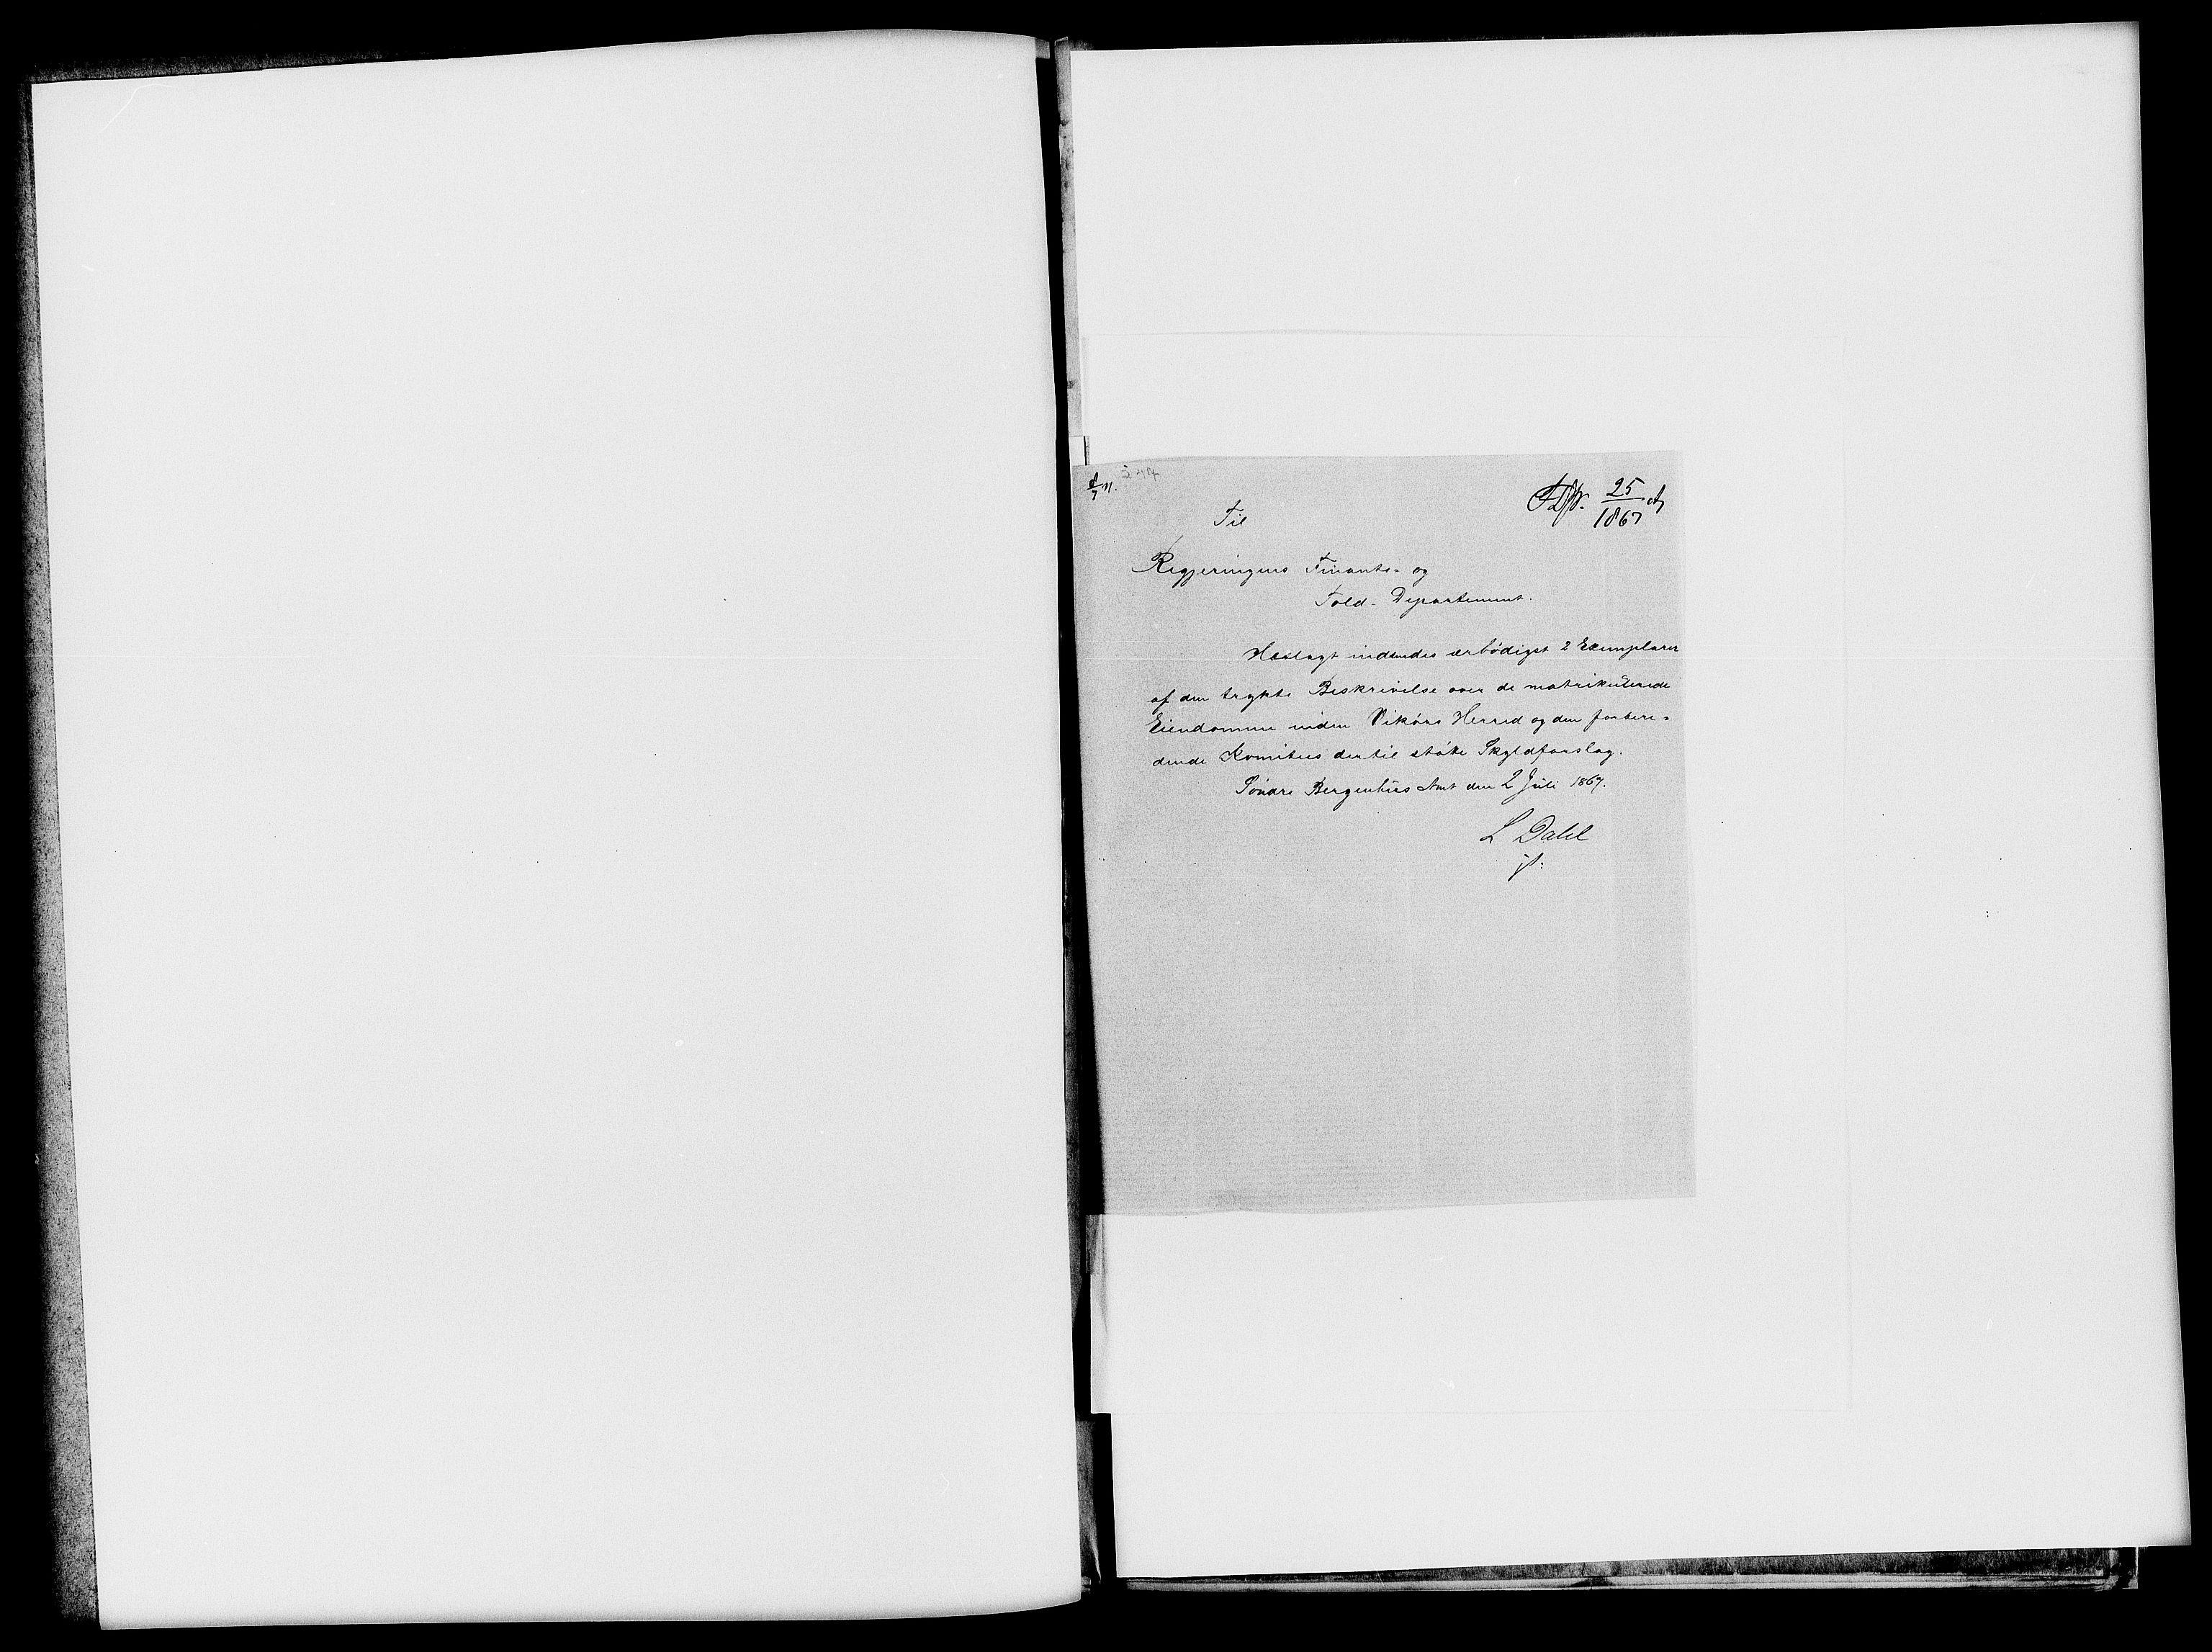 RA, Matrikkelrevisjonen av 1863, F/Fe/L0247: Vikør, 1863